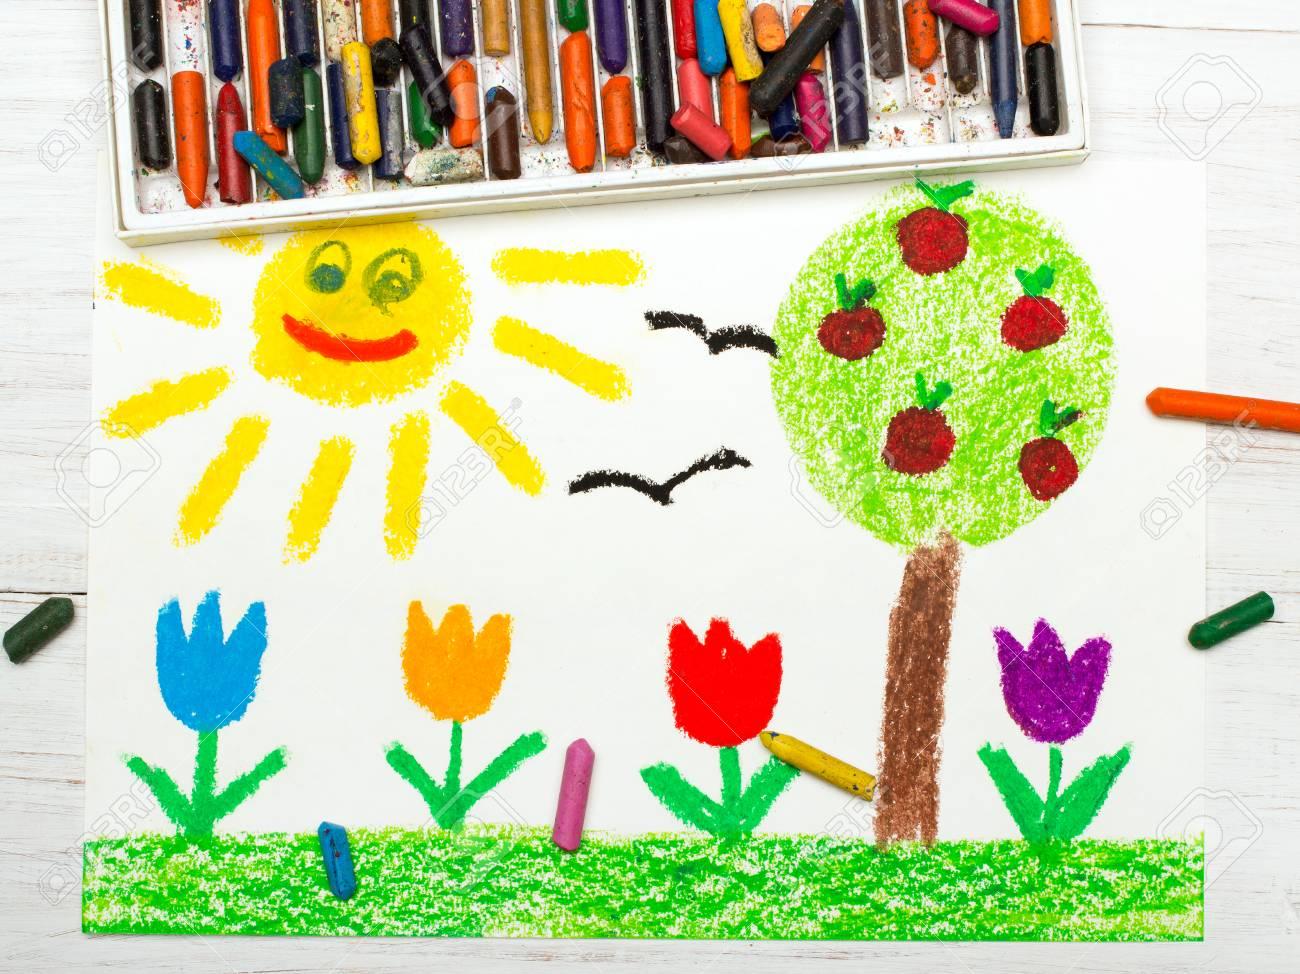 Dessin Coloré: Paysage Avec Pommier, Fleurs De Tulipe Un Soleil Heureux.  Printemps. intérieur Dessin Printemps Paysage